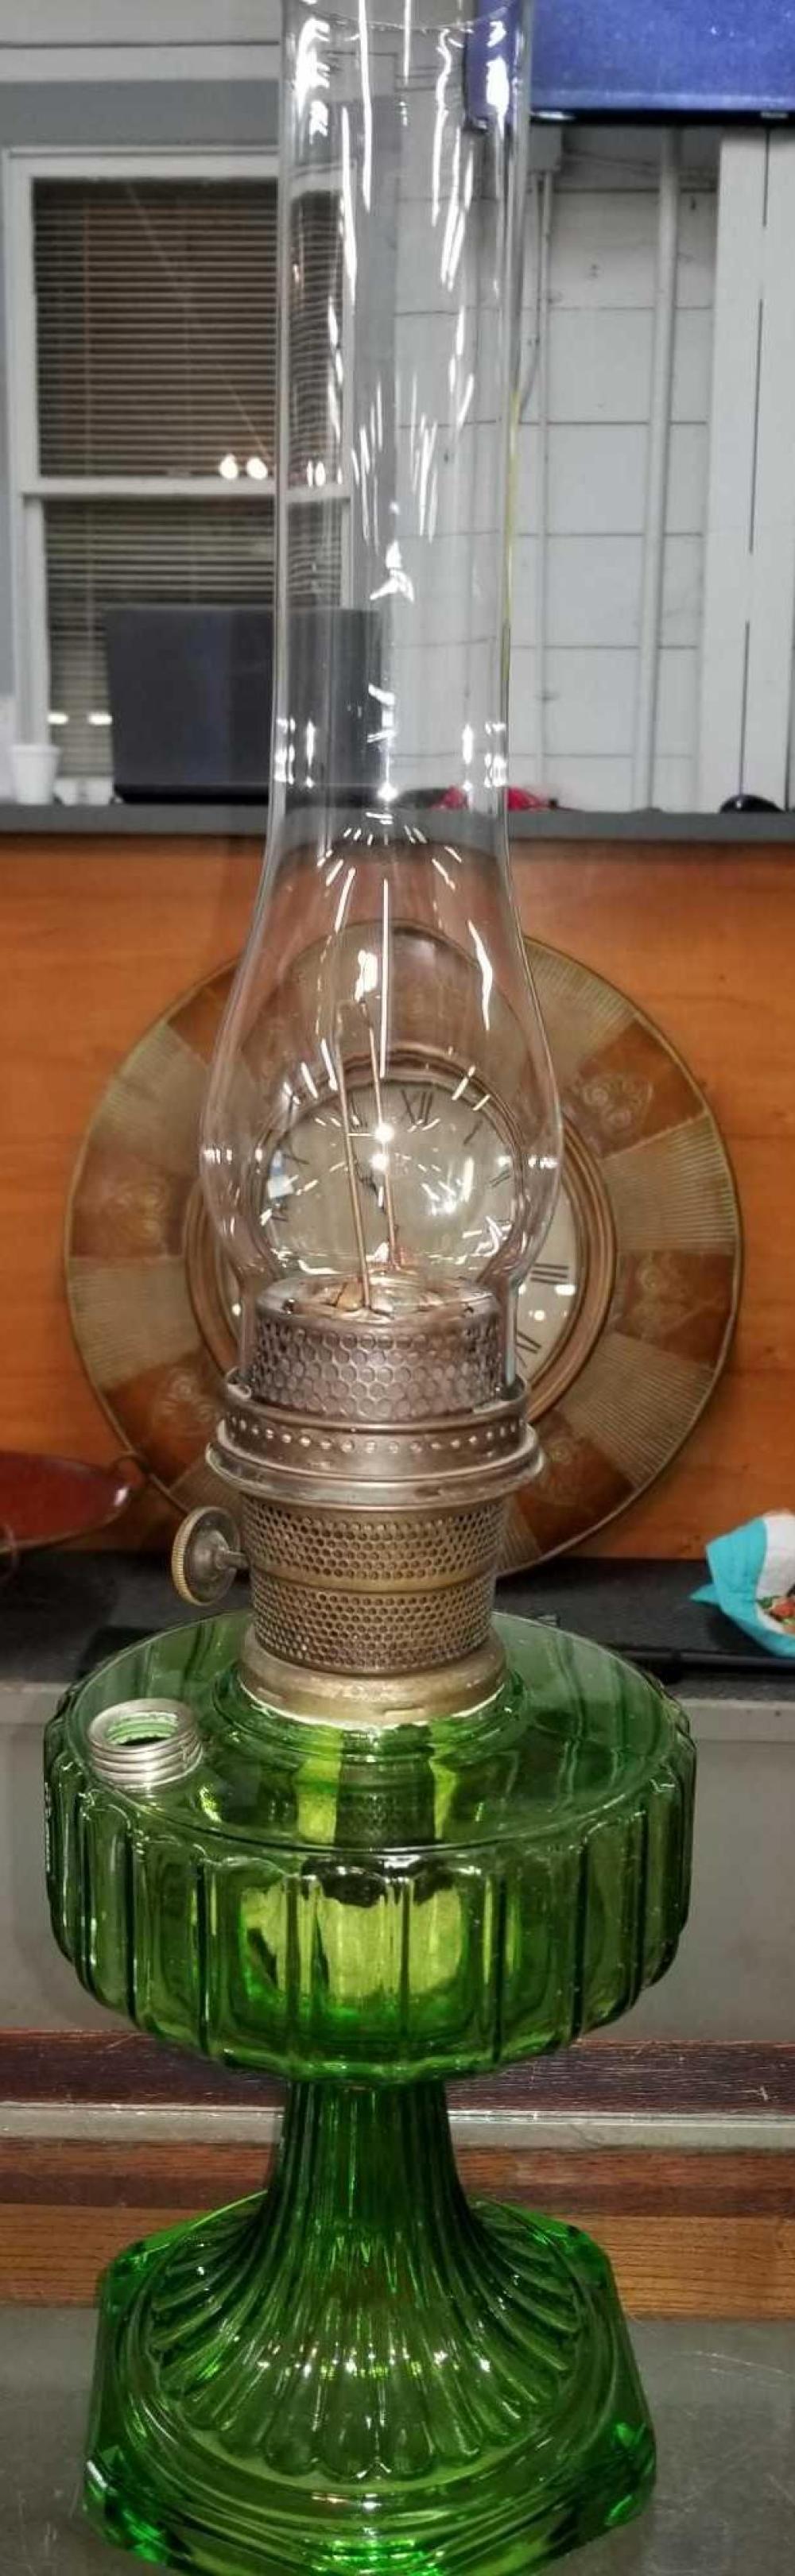 ALADDIN GREEN GLASS KEROSENE LAMP